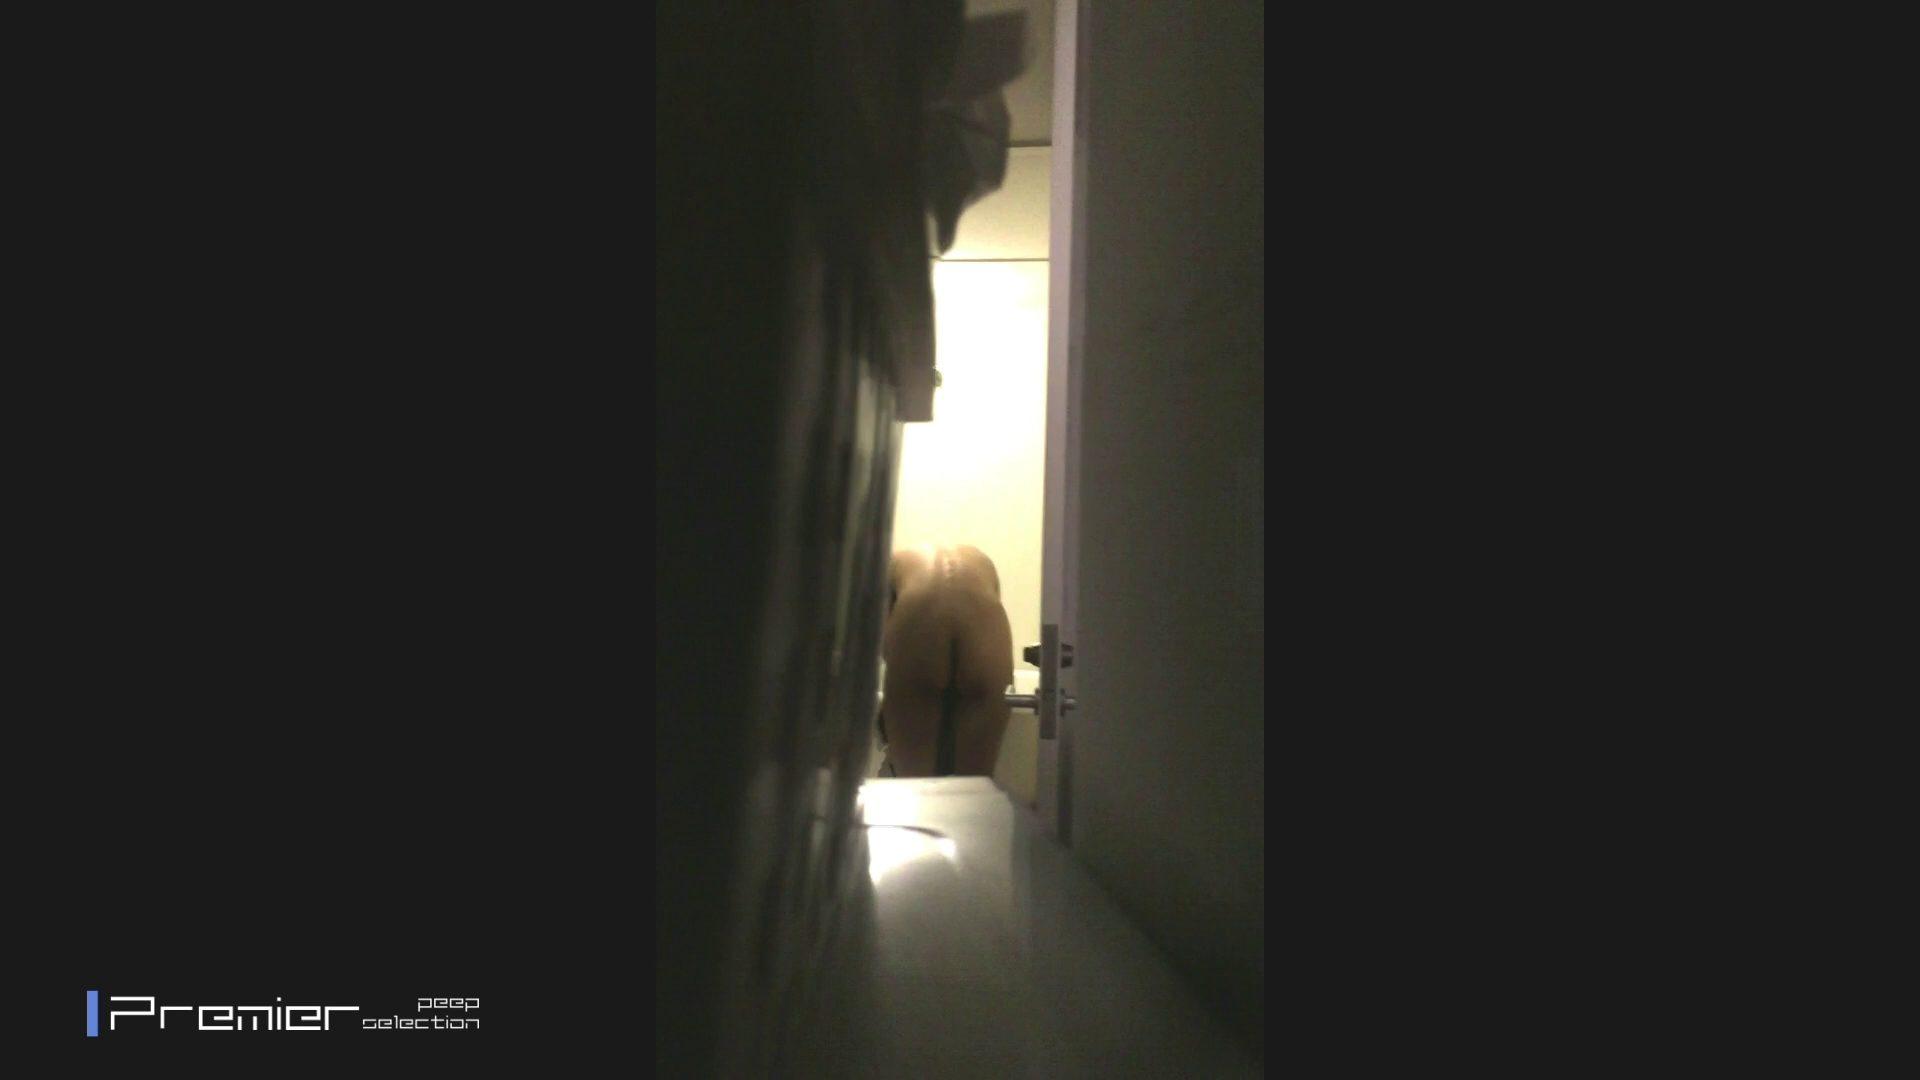 未公開★現役モデルのシャワー  美女達の私生活に潜入! 美肌 ワレメ動画紹介 94枚 80